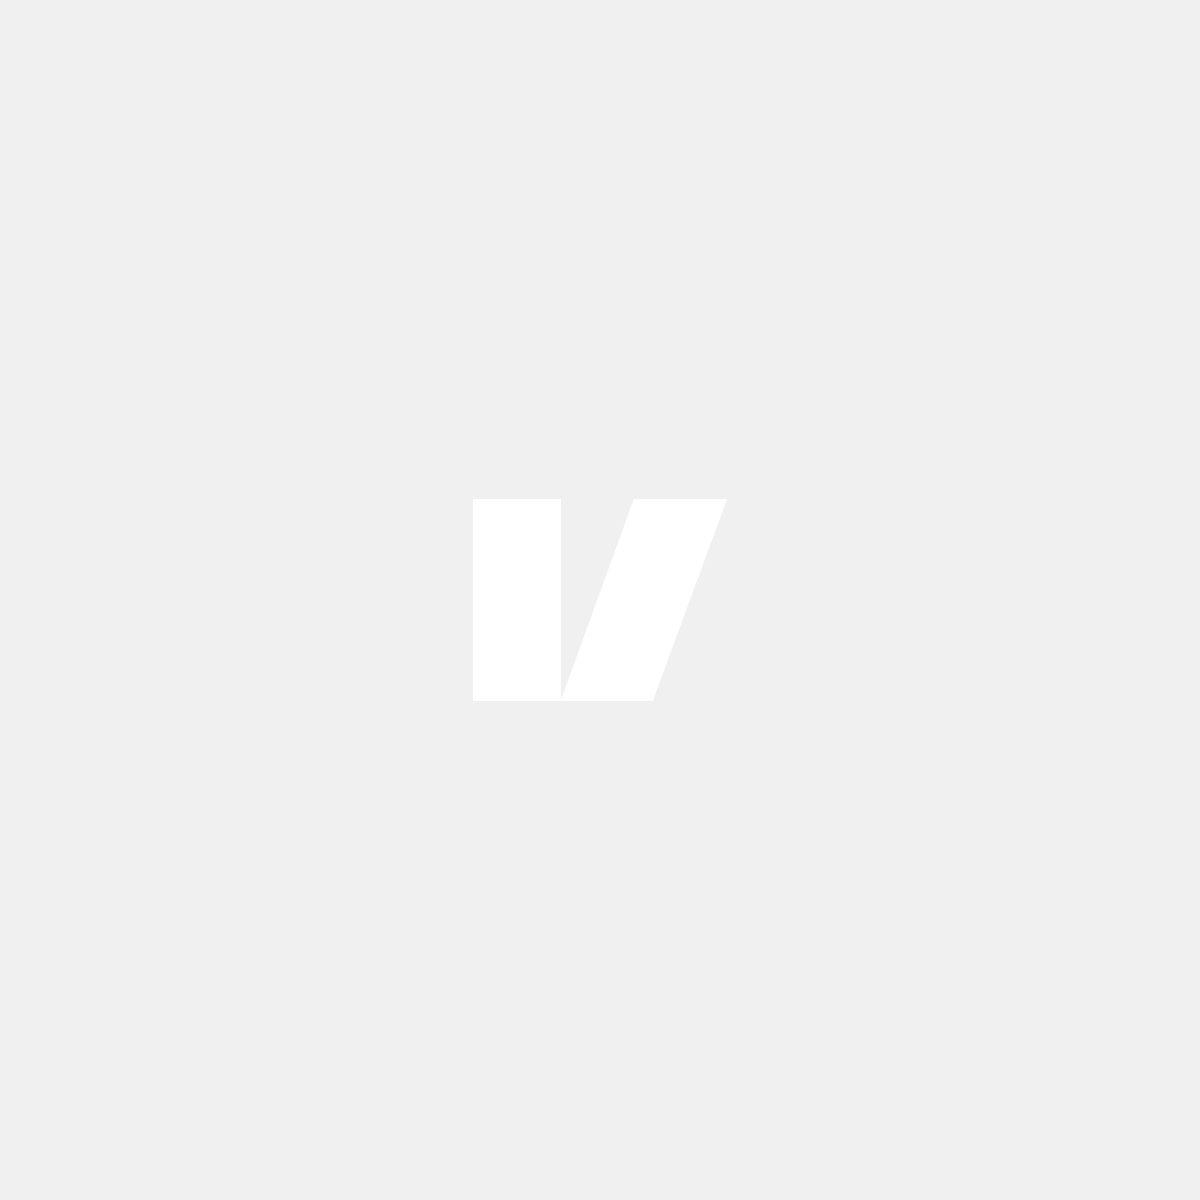 Kabelsats för dragkrok till Volvo XC90, 05-14 13-polig